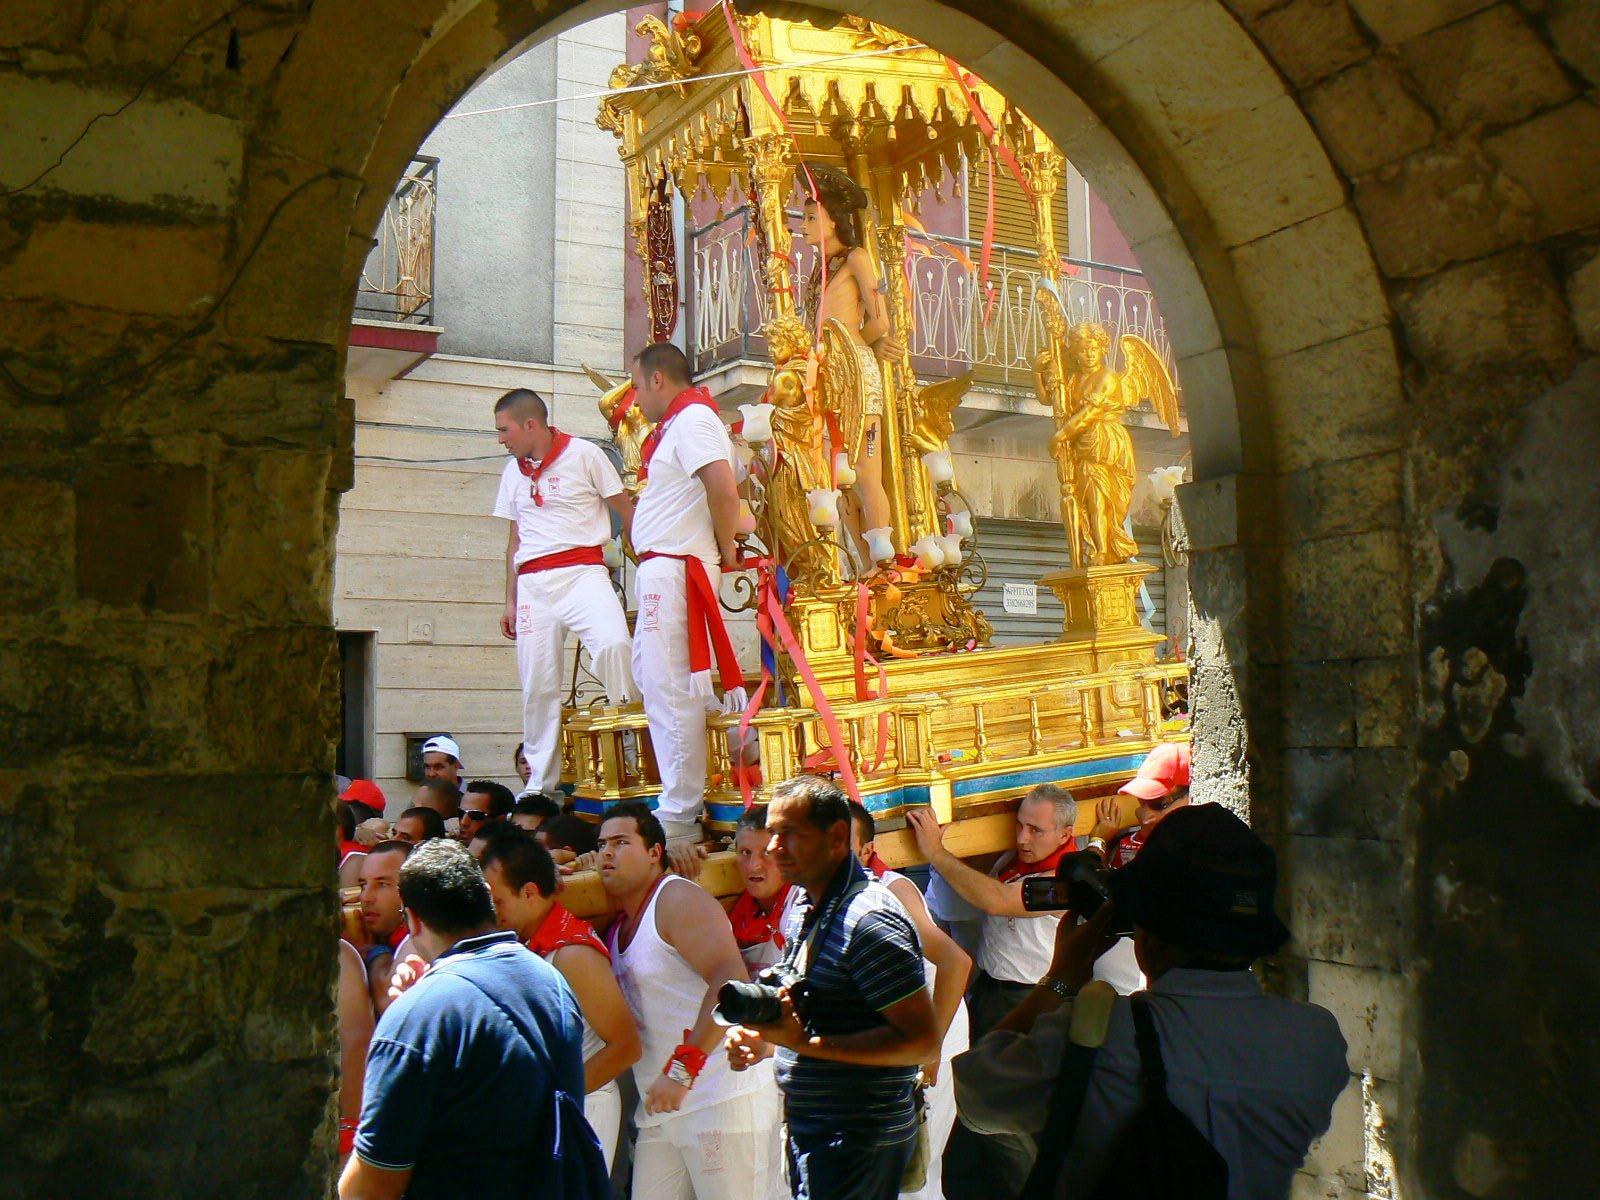 La festa di San Sebastiano a Palazzolo